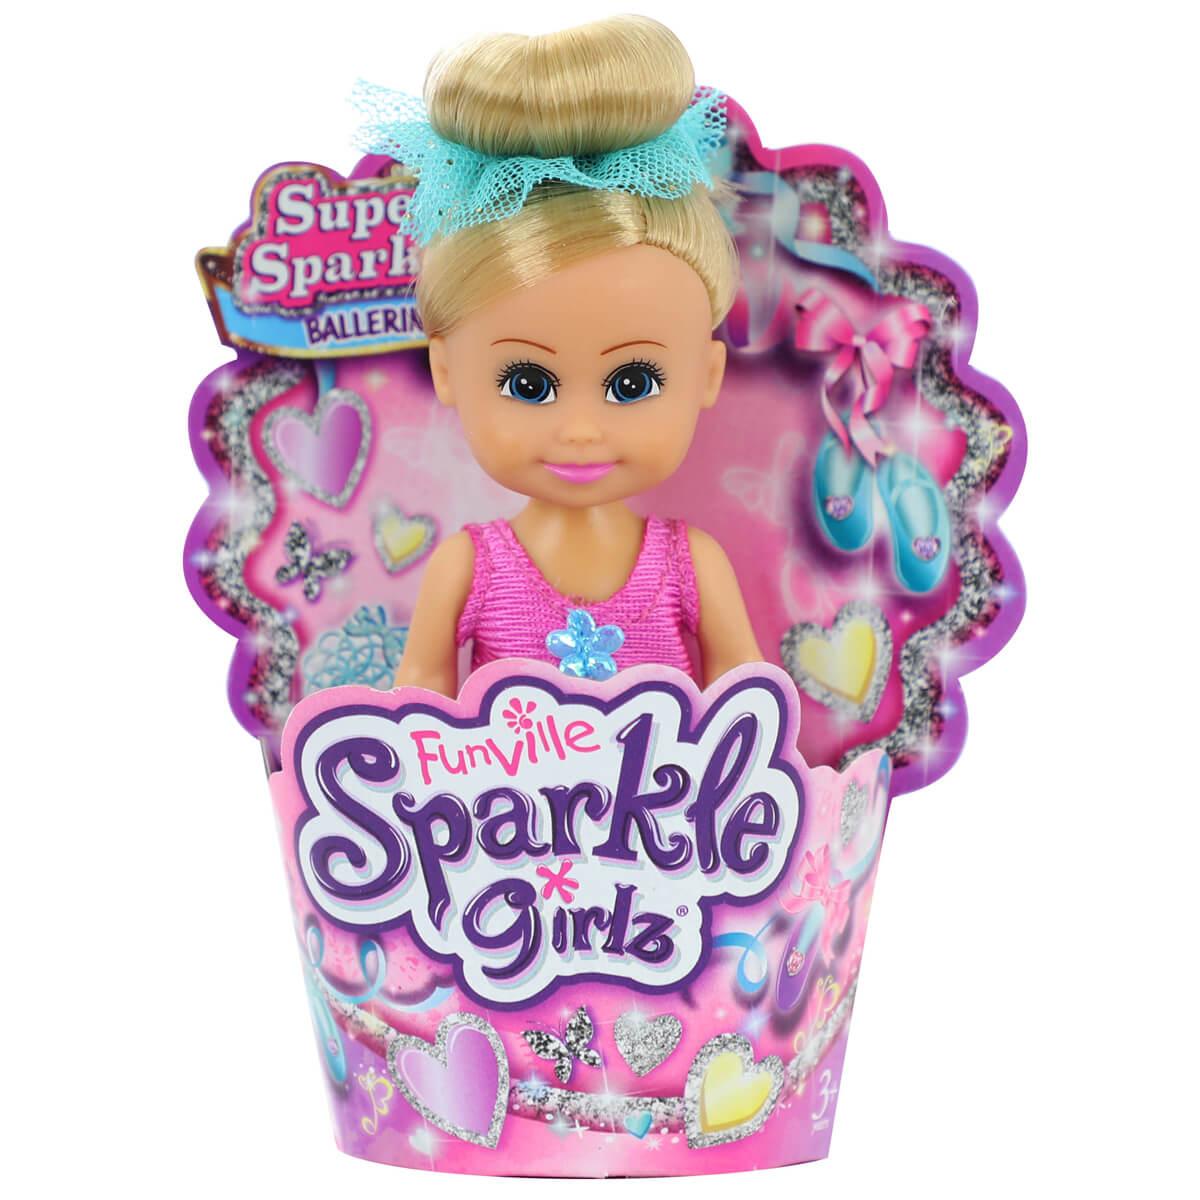 Sparkle Girlz Cupcake Ballerina